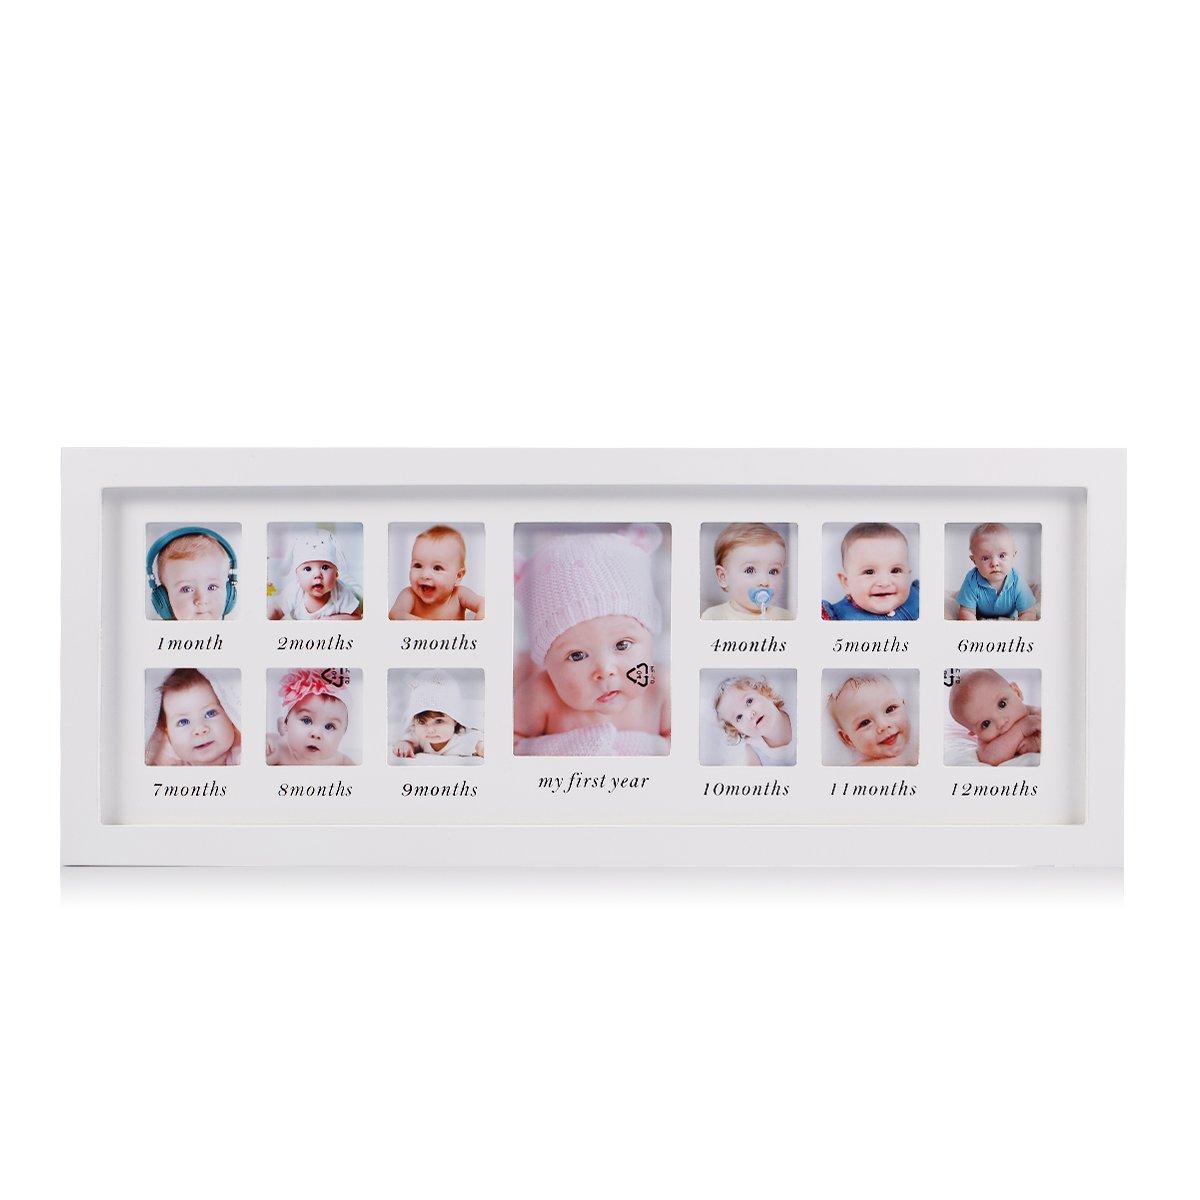 Mein erstes Jahr Baby Fotorahmen 12 Monate Baby Andenken Rahmen Holz Feibi Frame-BL